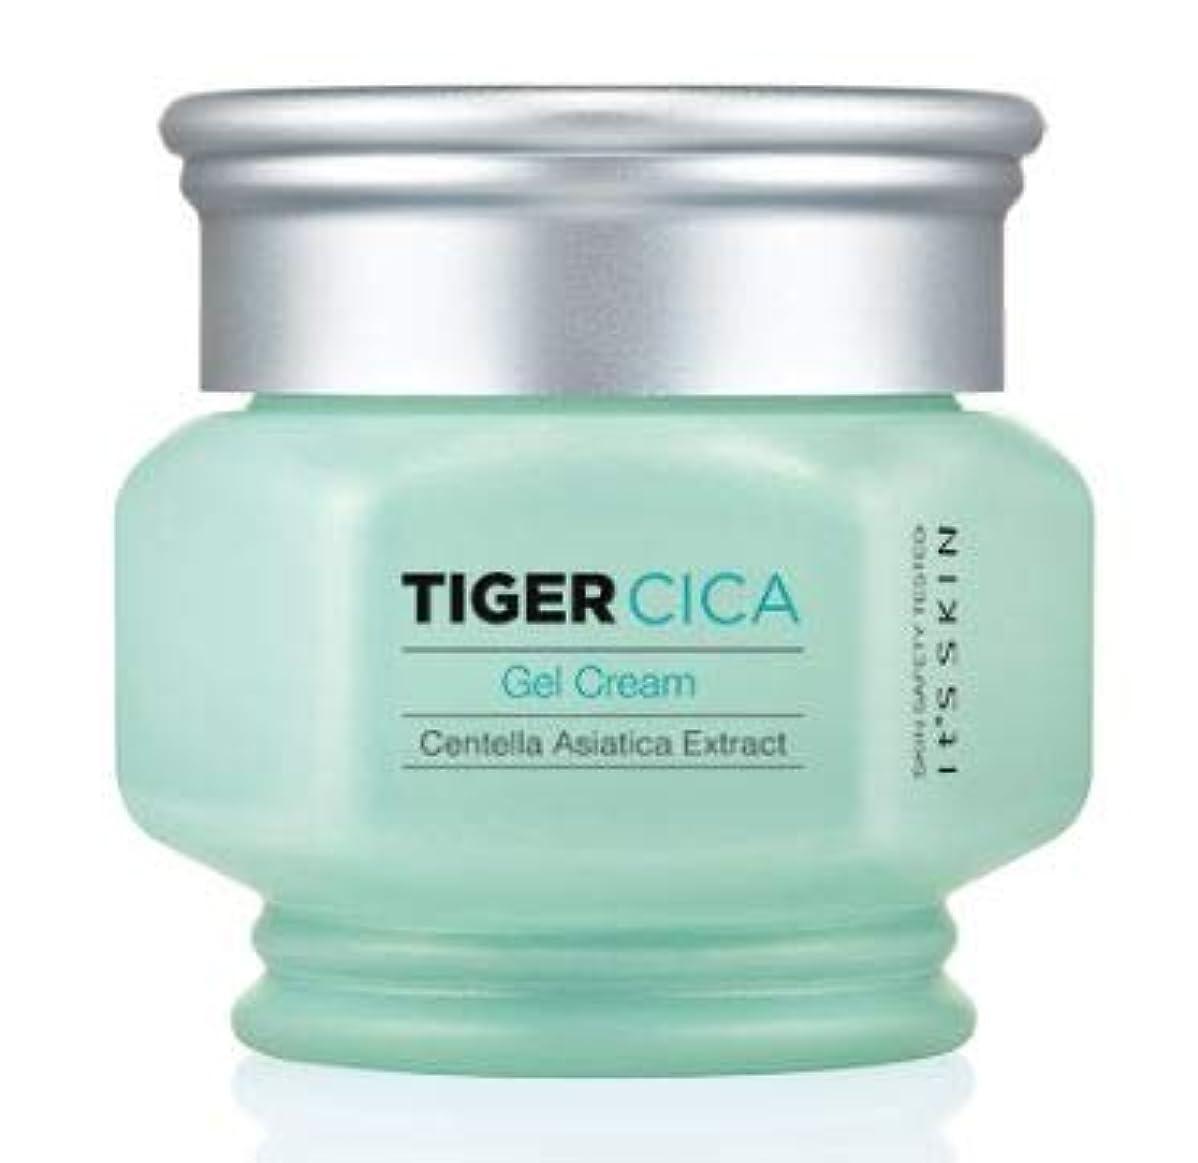 早熟指紋取り戻す[It's Skin] Tiger Cica Gel Cream /[イッツスキン] タイガーシカ ジェル クリーム [並行輸入品]